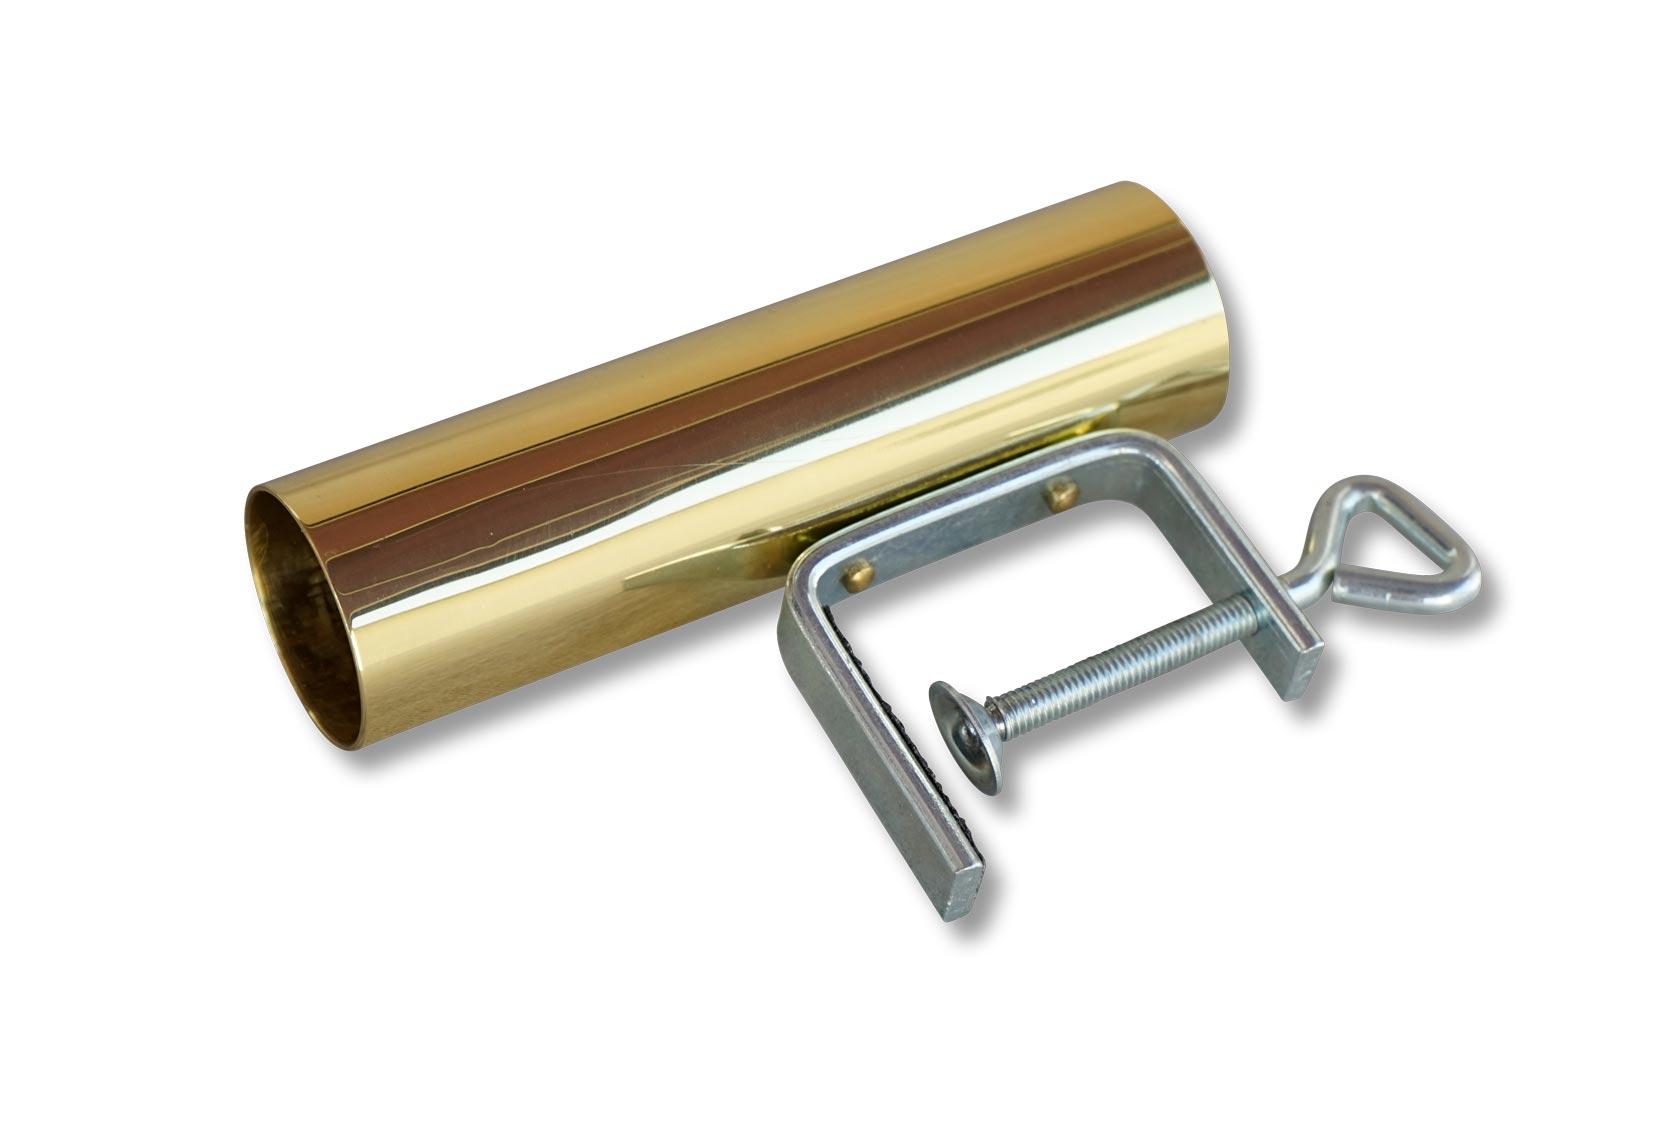 Messinghülse mit angenieteter Schraubzwinge zum Befestigen an einer Tischplatte. In die Messingschaft kann die Stange eines Vereintaferl gesteckt werden.